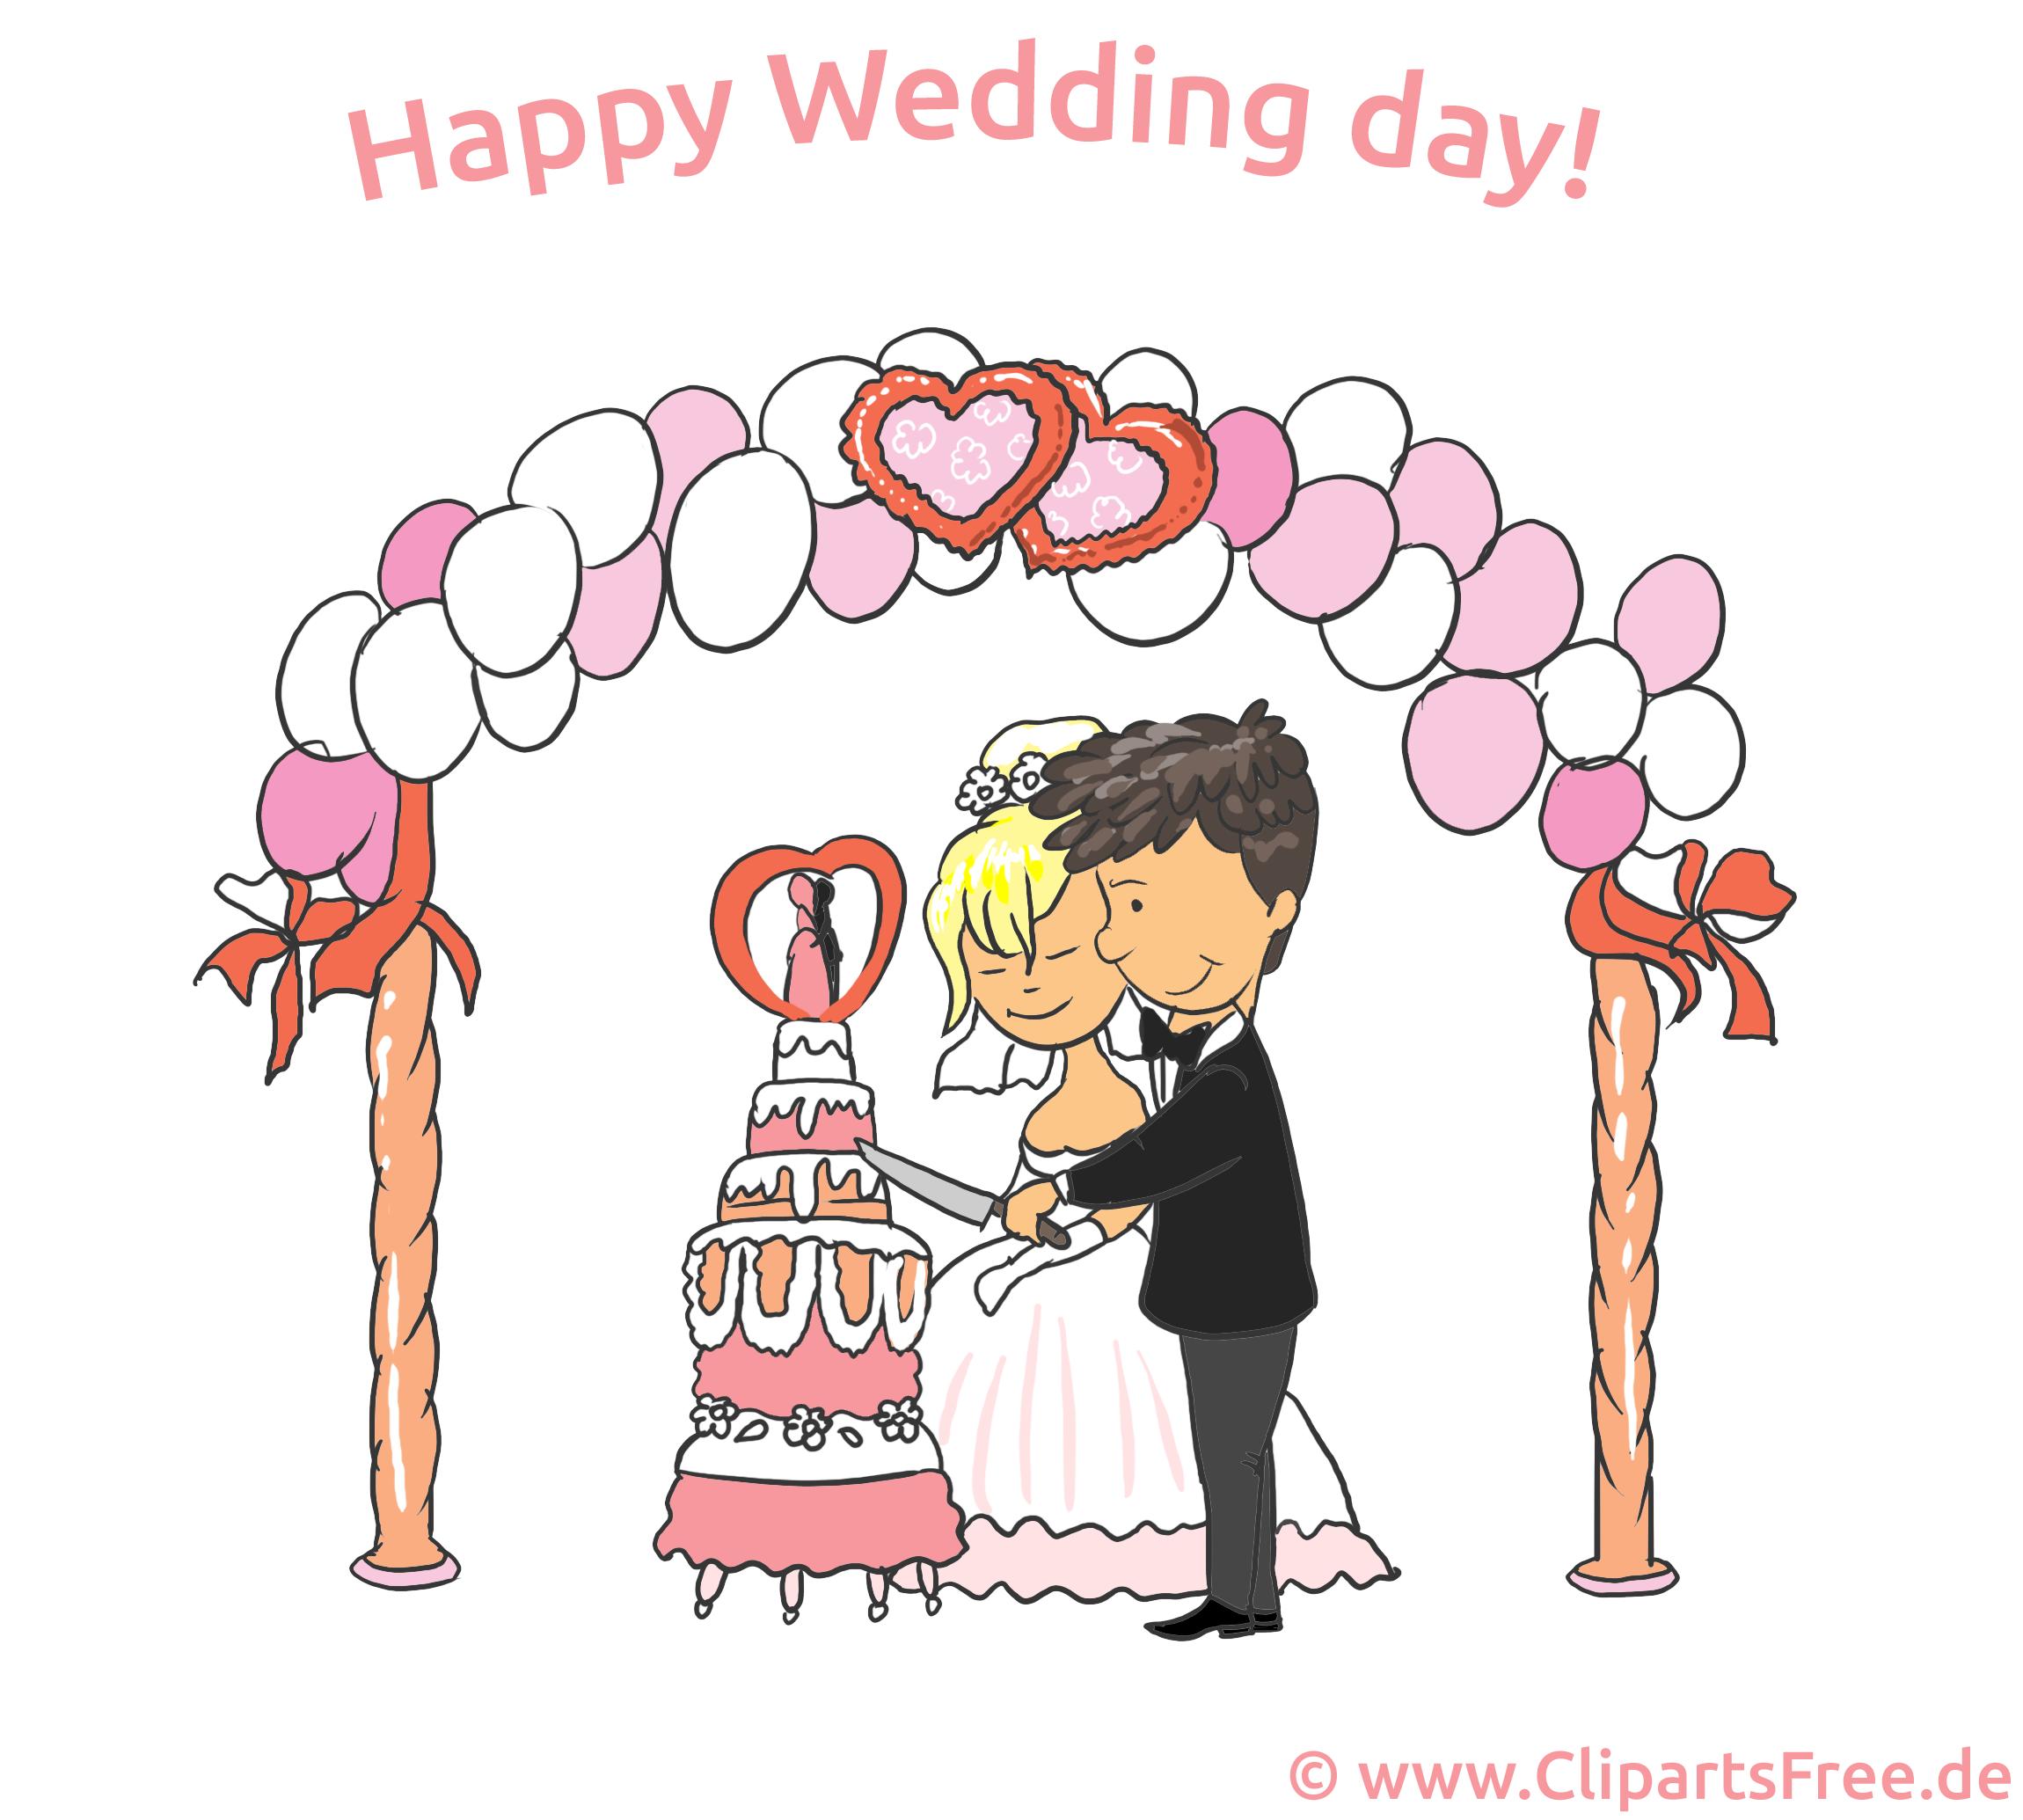 Gâteau mariage image à télécharger gratuite